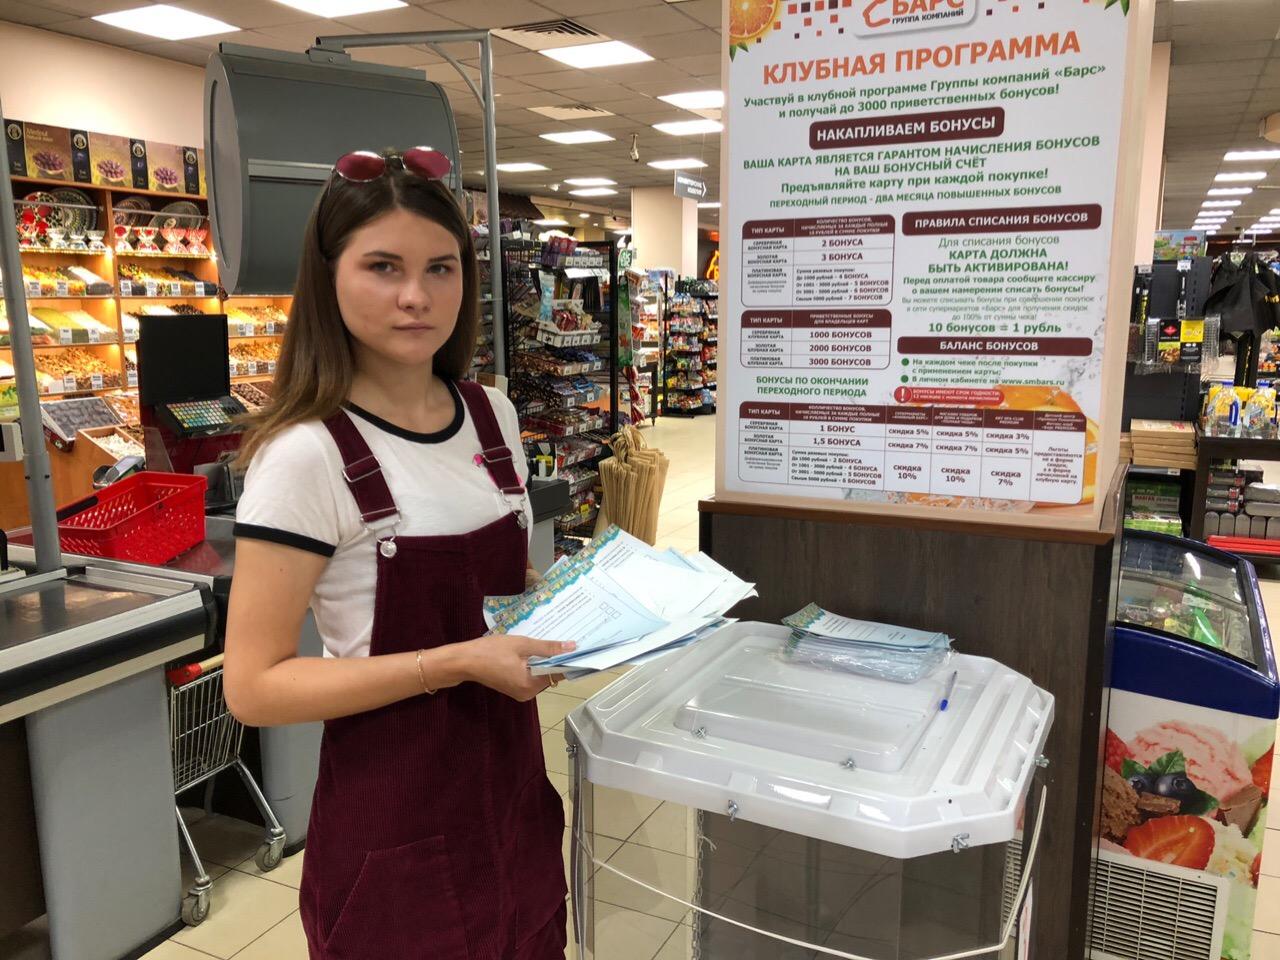 В Рыбном сделали первую выемку рейтингого голосования